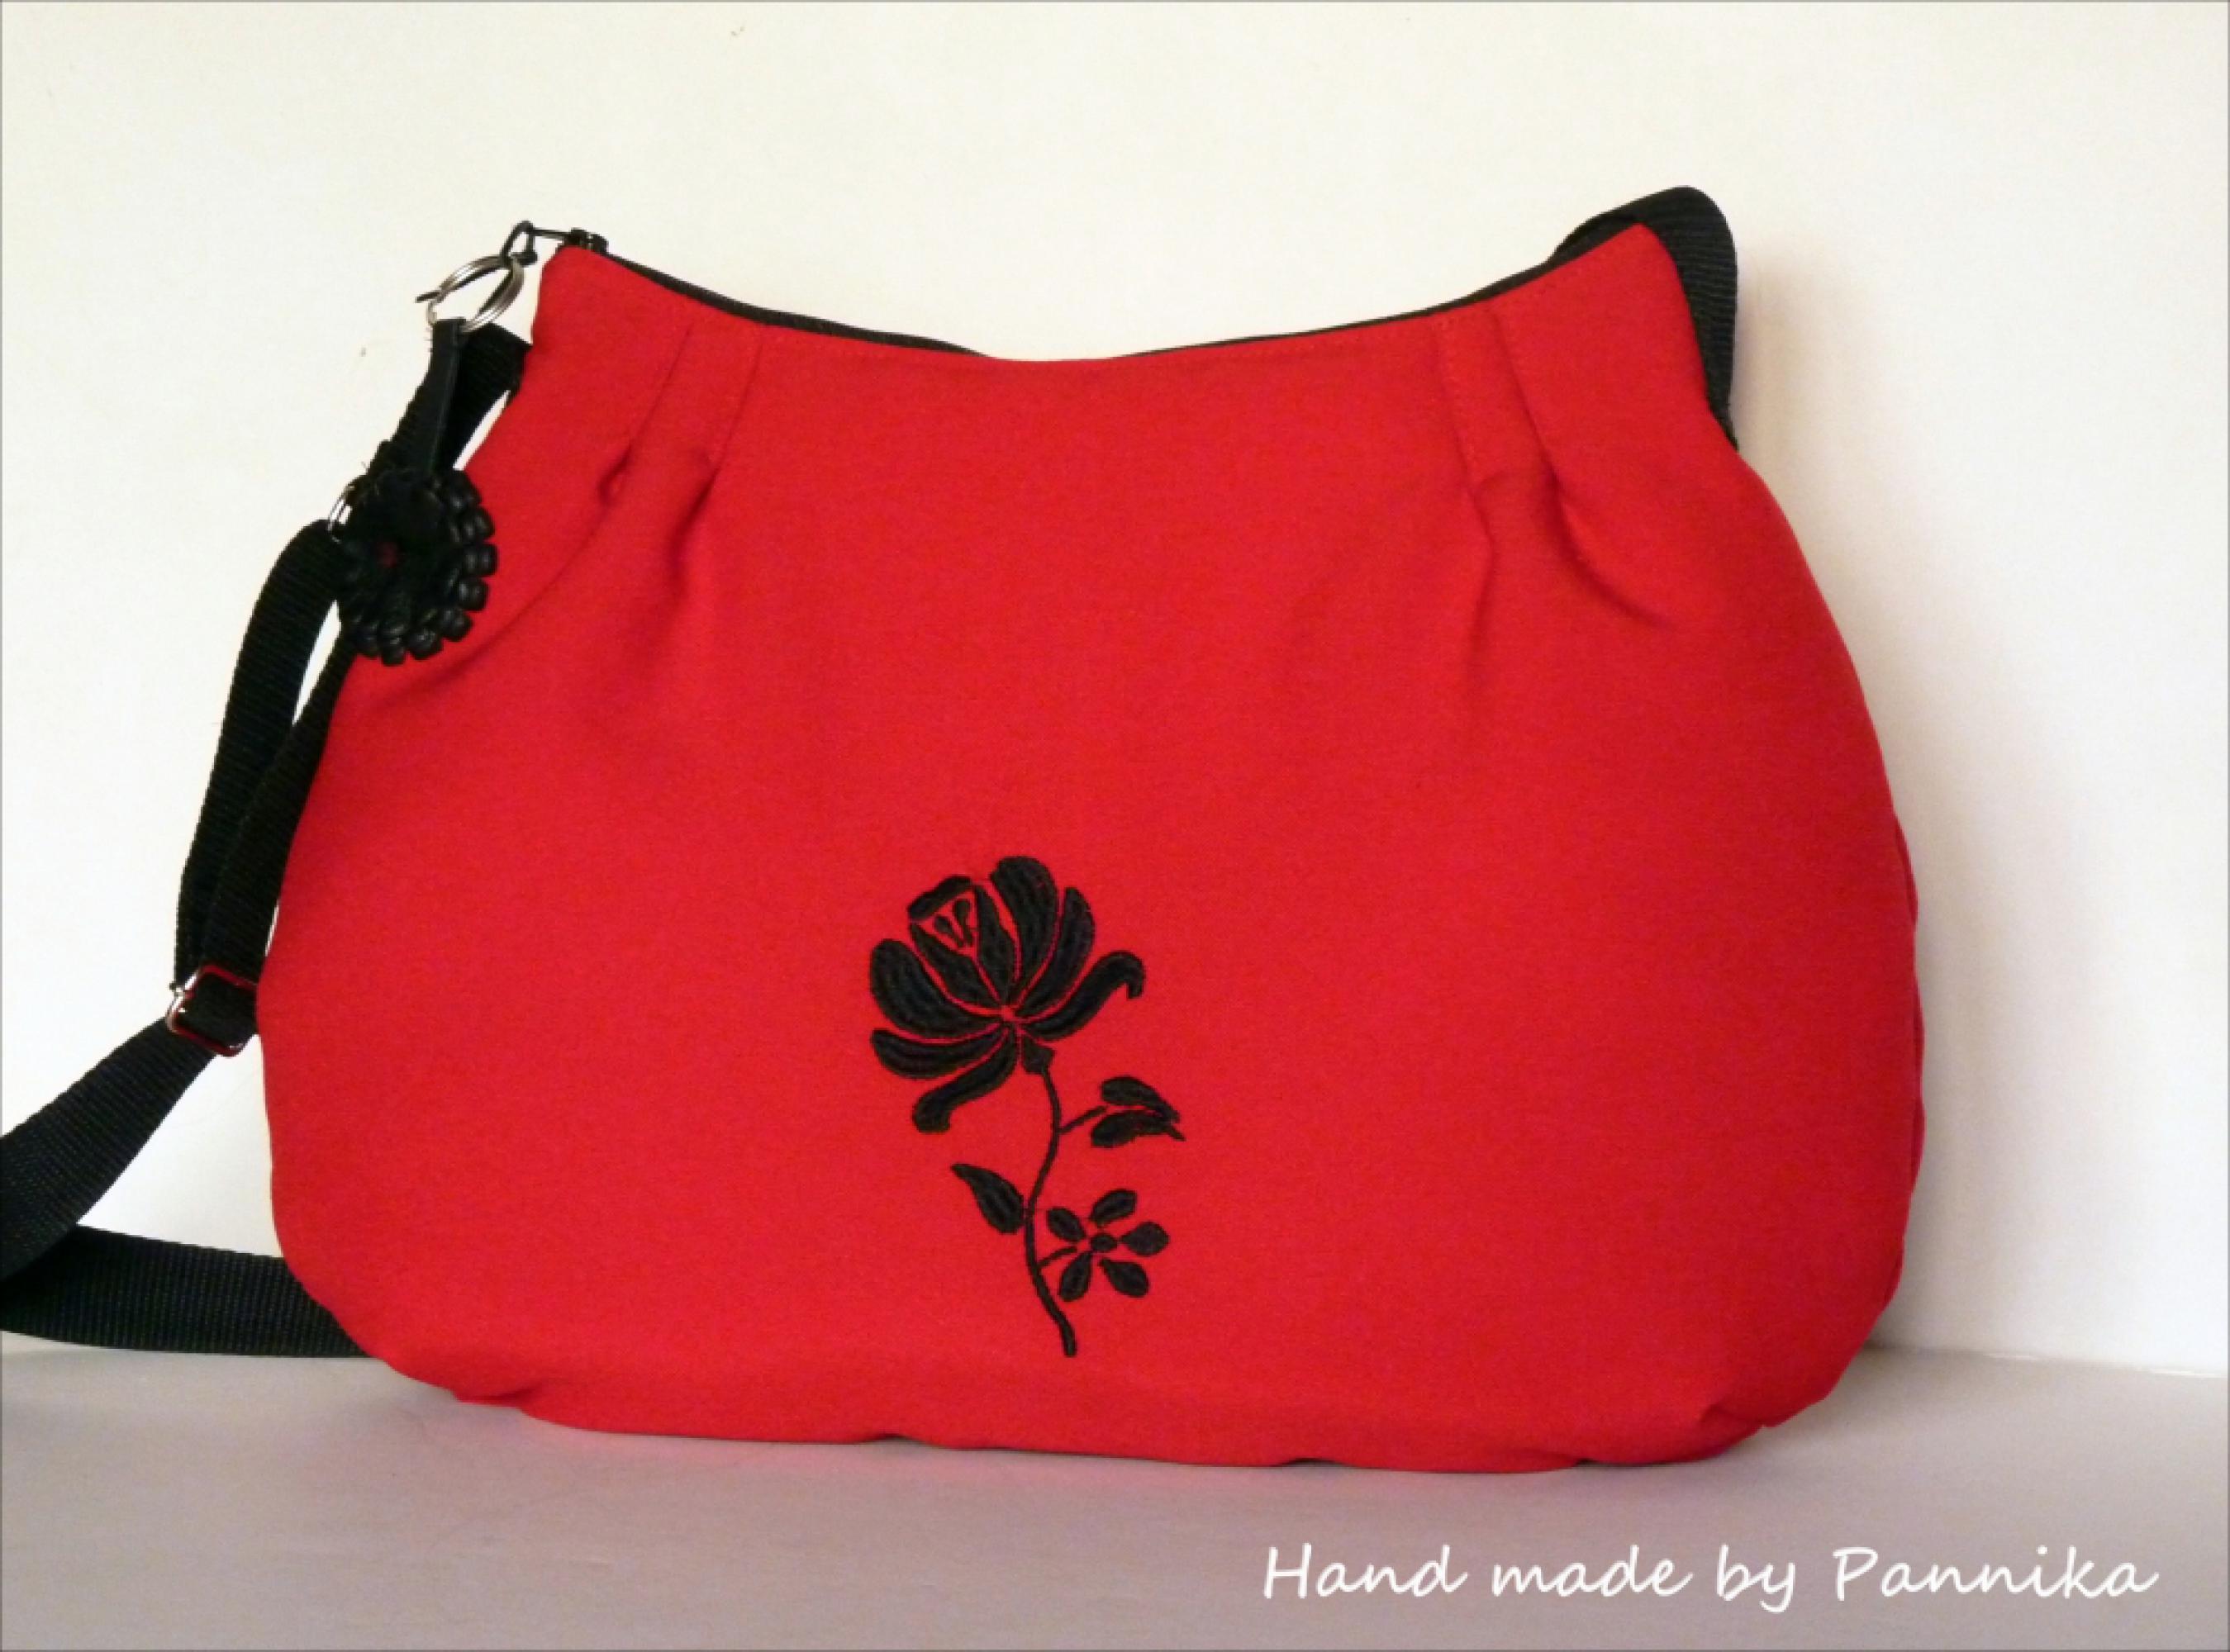 bfe9cba7decf Piros, kalocsai mintás táska, ajándék kulcstartóval